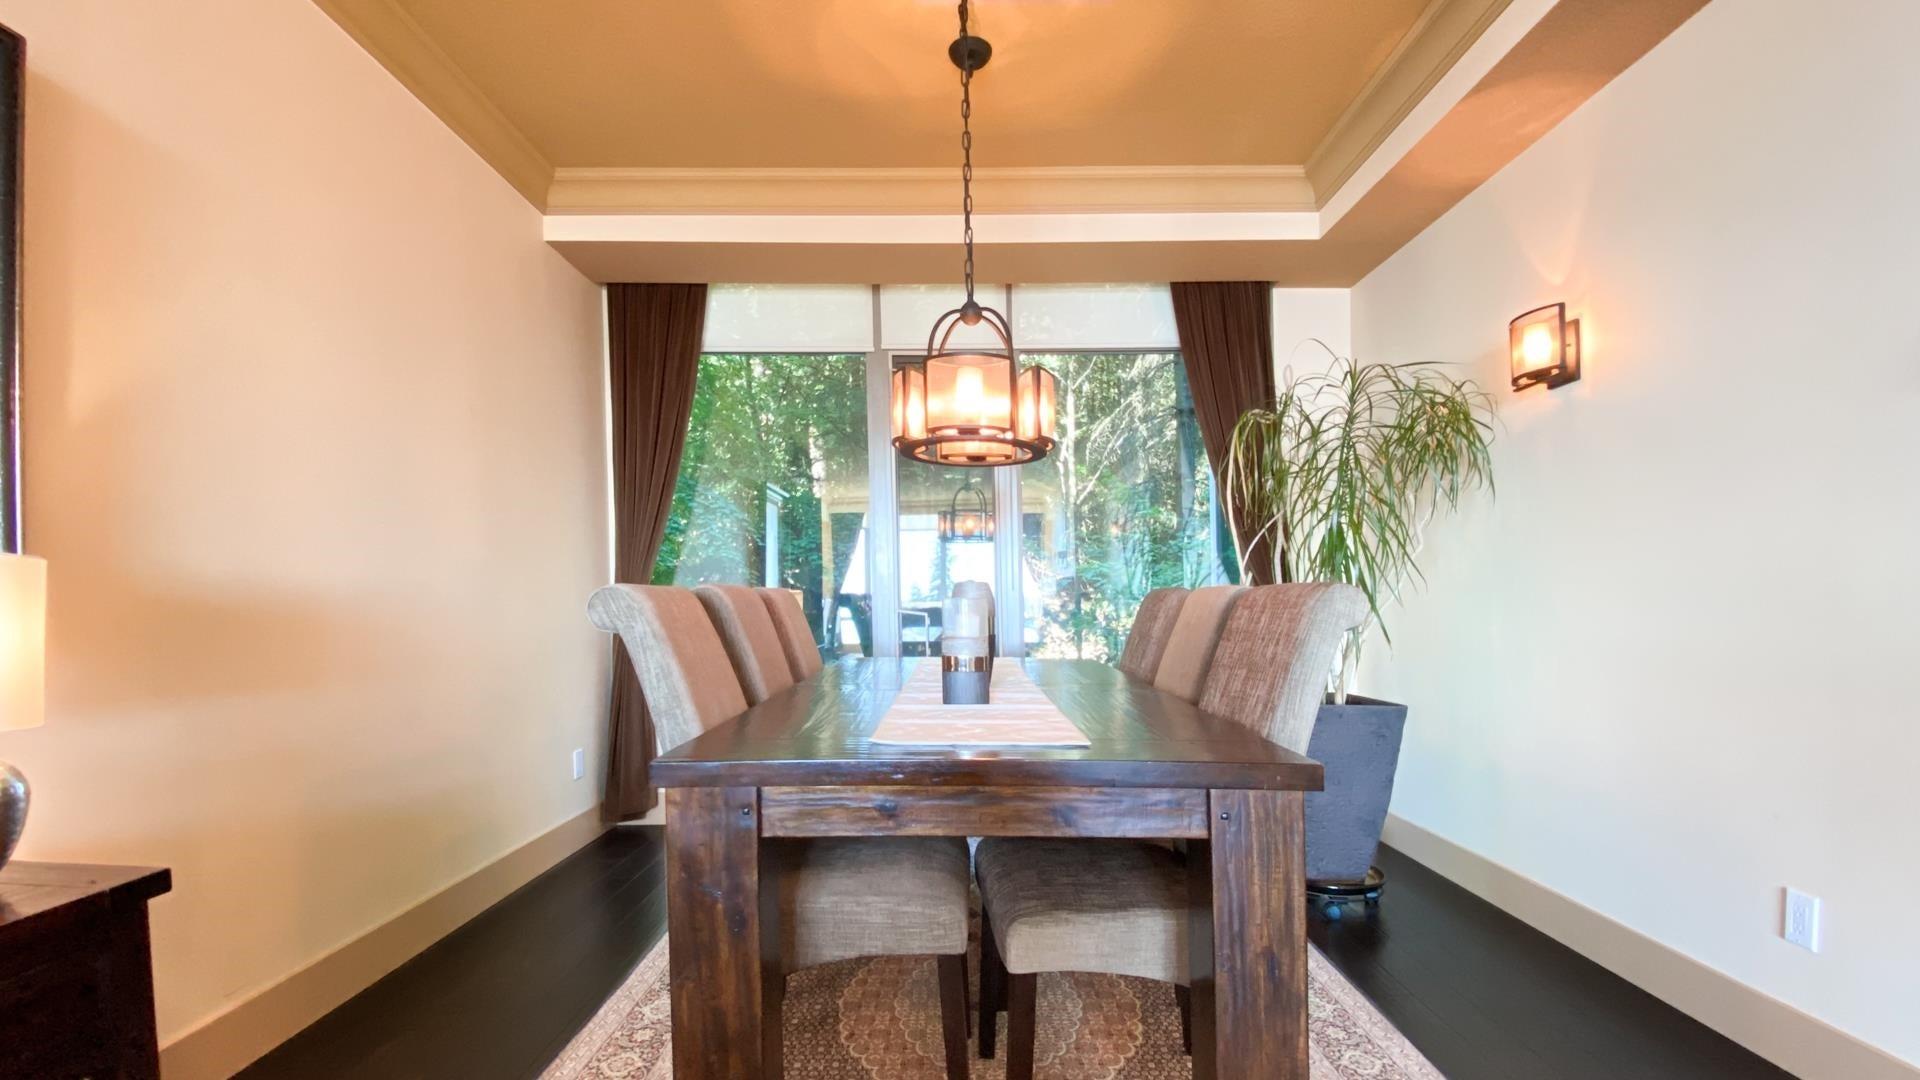 301 3131 DEER RIDGE DRIVE - Deer Ridge WV Apartment/Condo for sale, 2 Bedrooms (R2615692) - #15